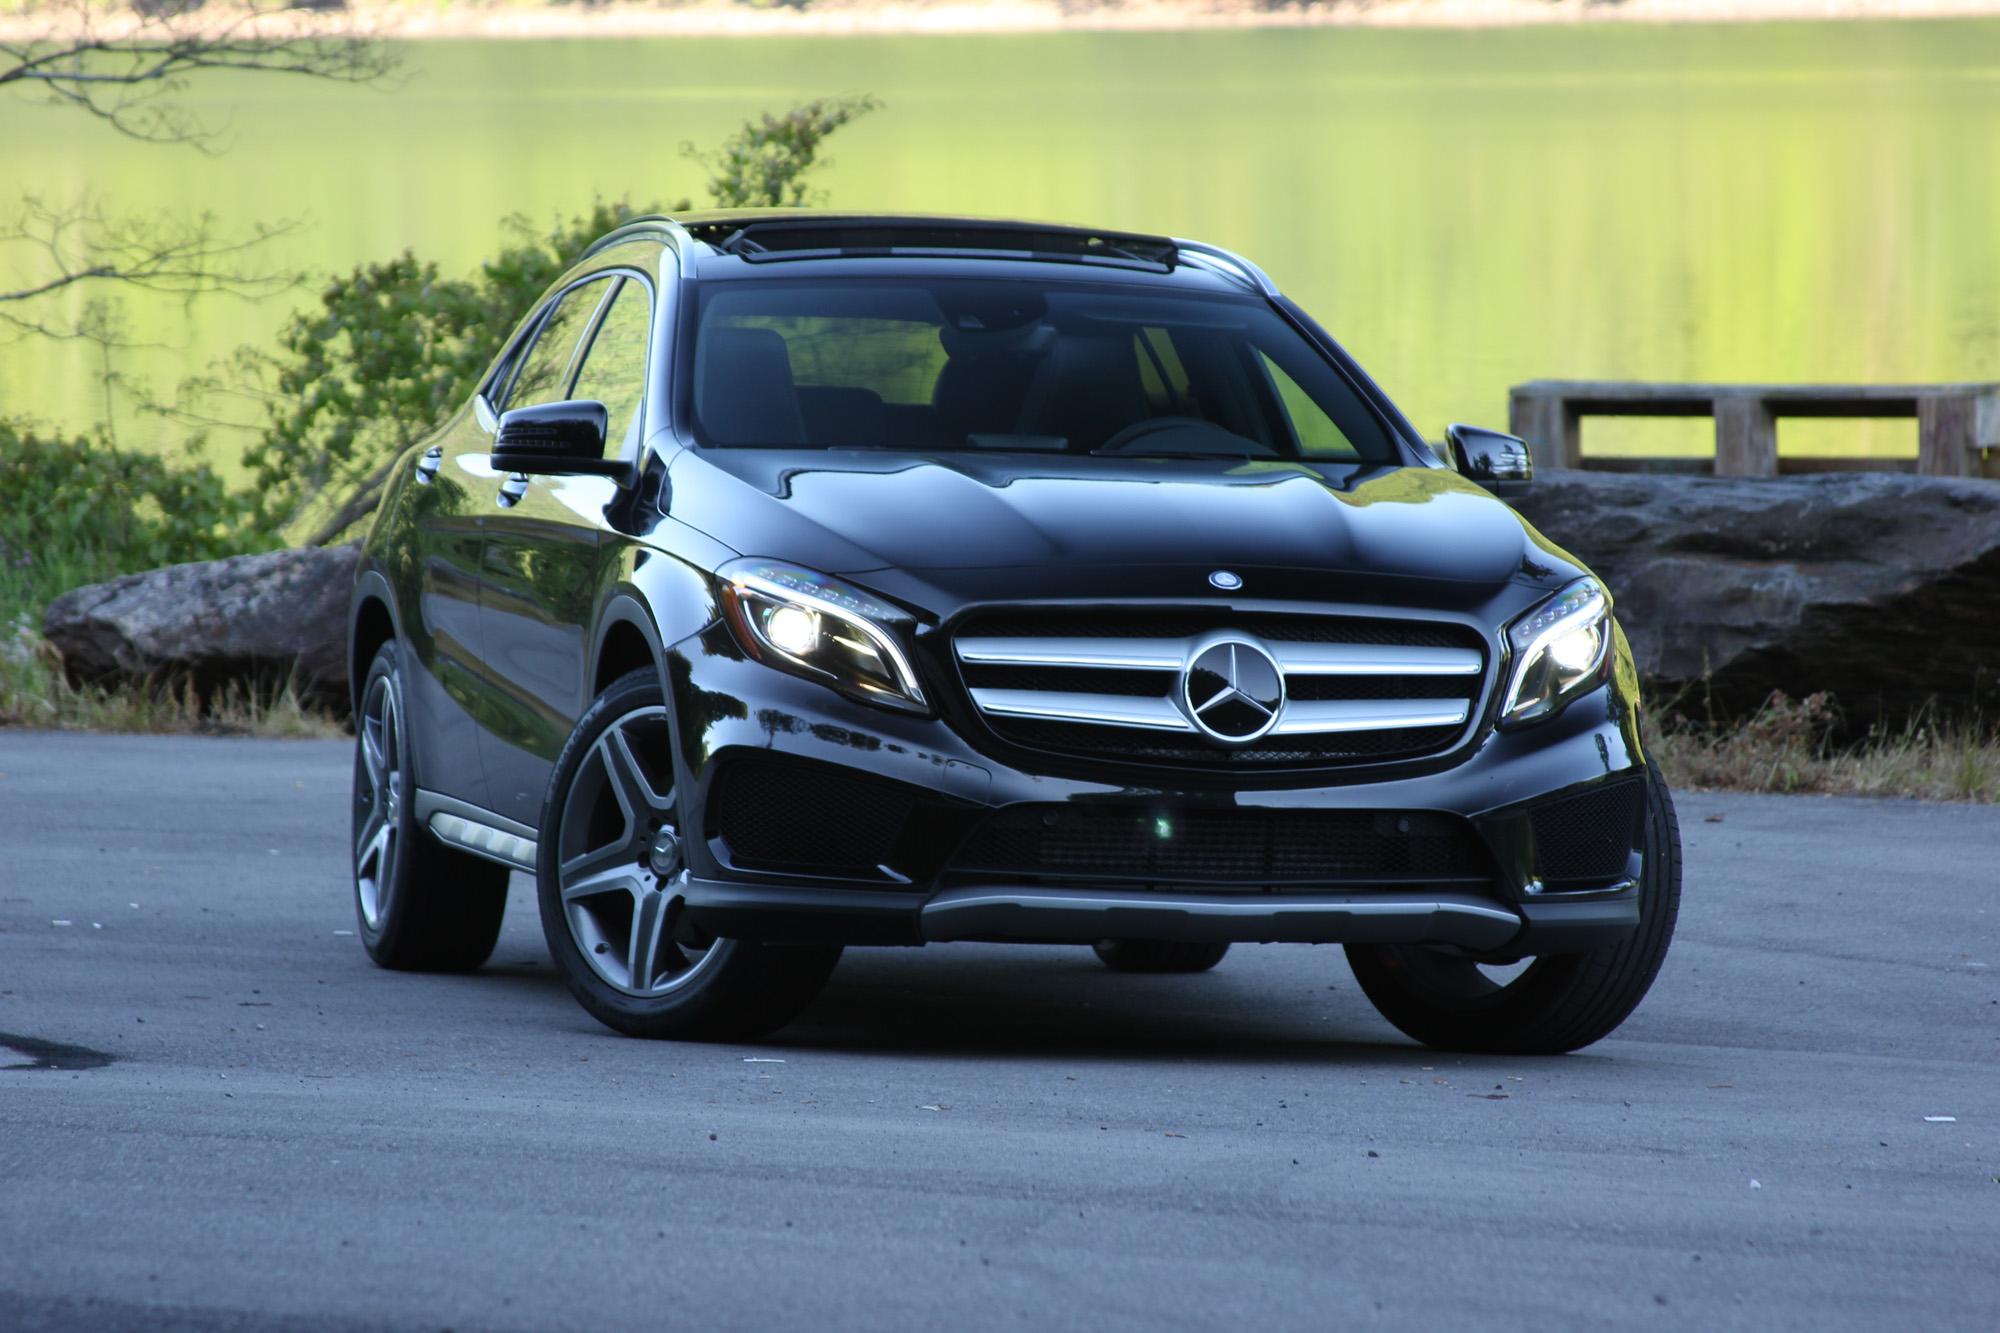 2015 Mercedes Benz Gla 250 Review Autotalk